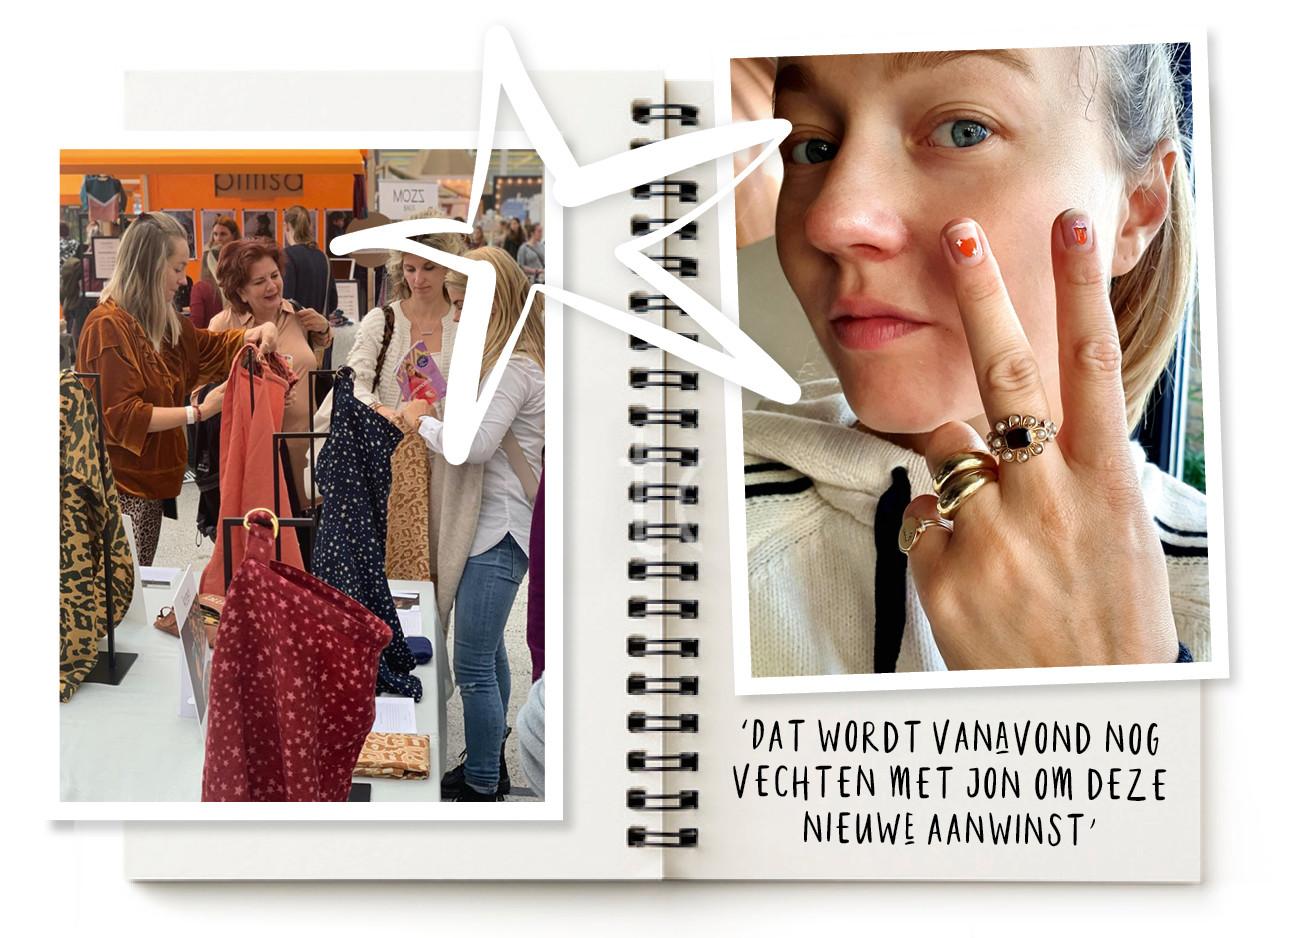 een beeld van carolien met haar hand en carolien h=die kleding verkoopt